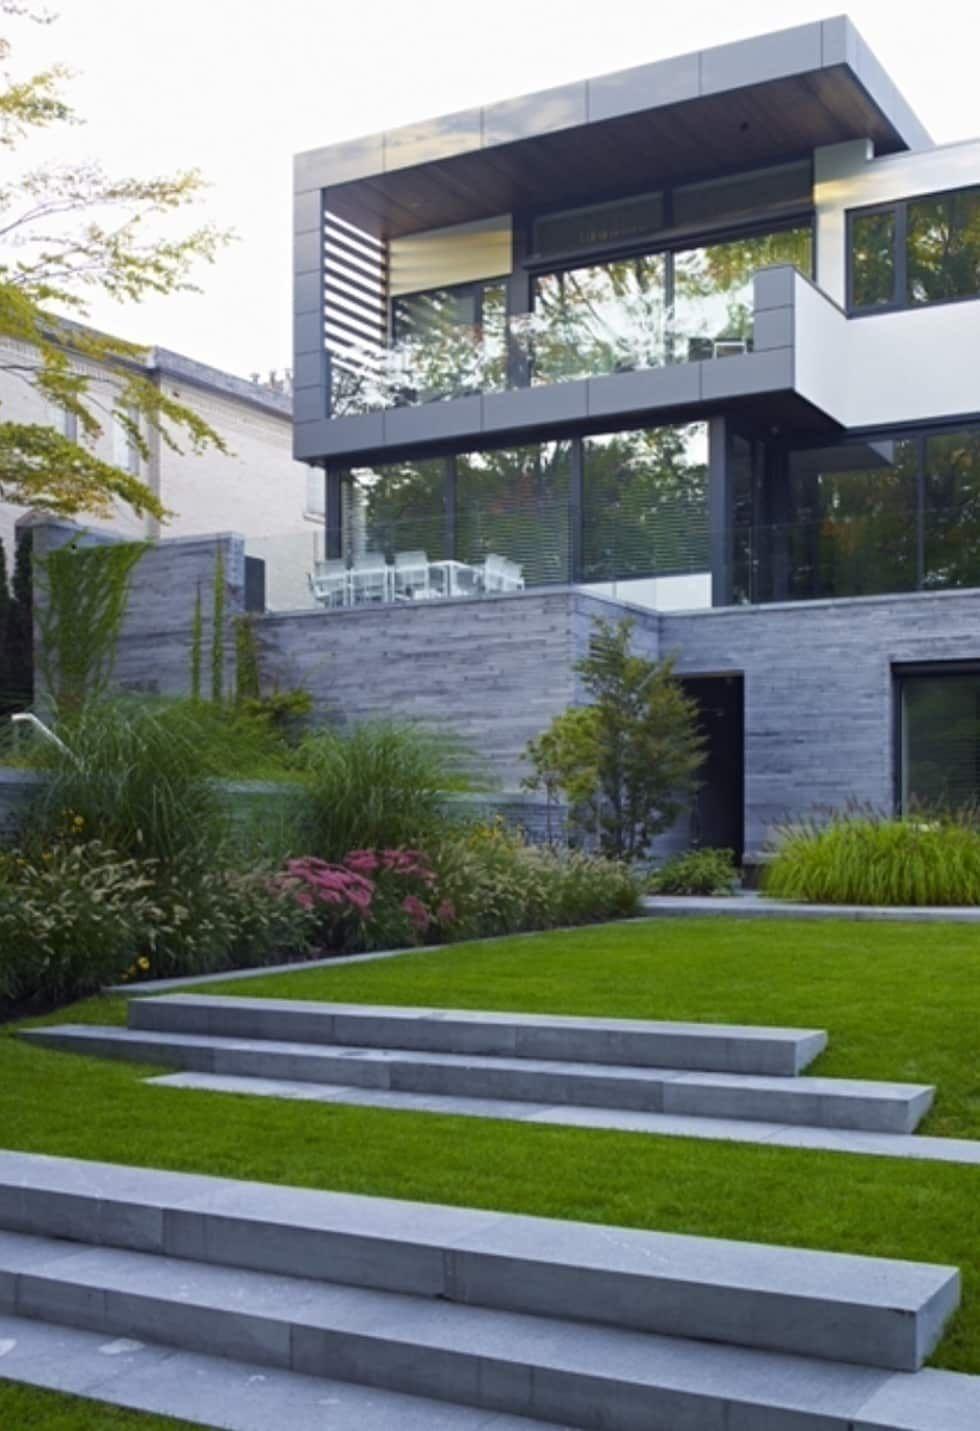 Pin von Richard Ebert auf modern houses   Pinterest   Moderne häuser ...